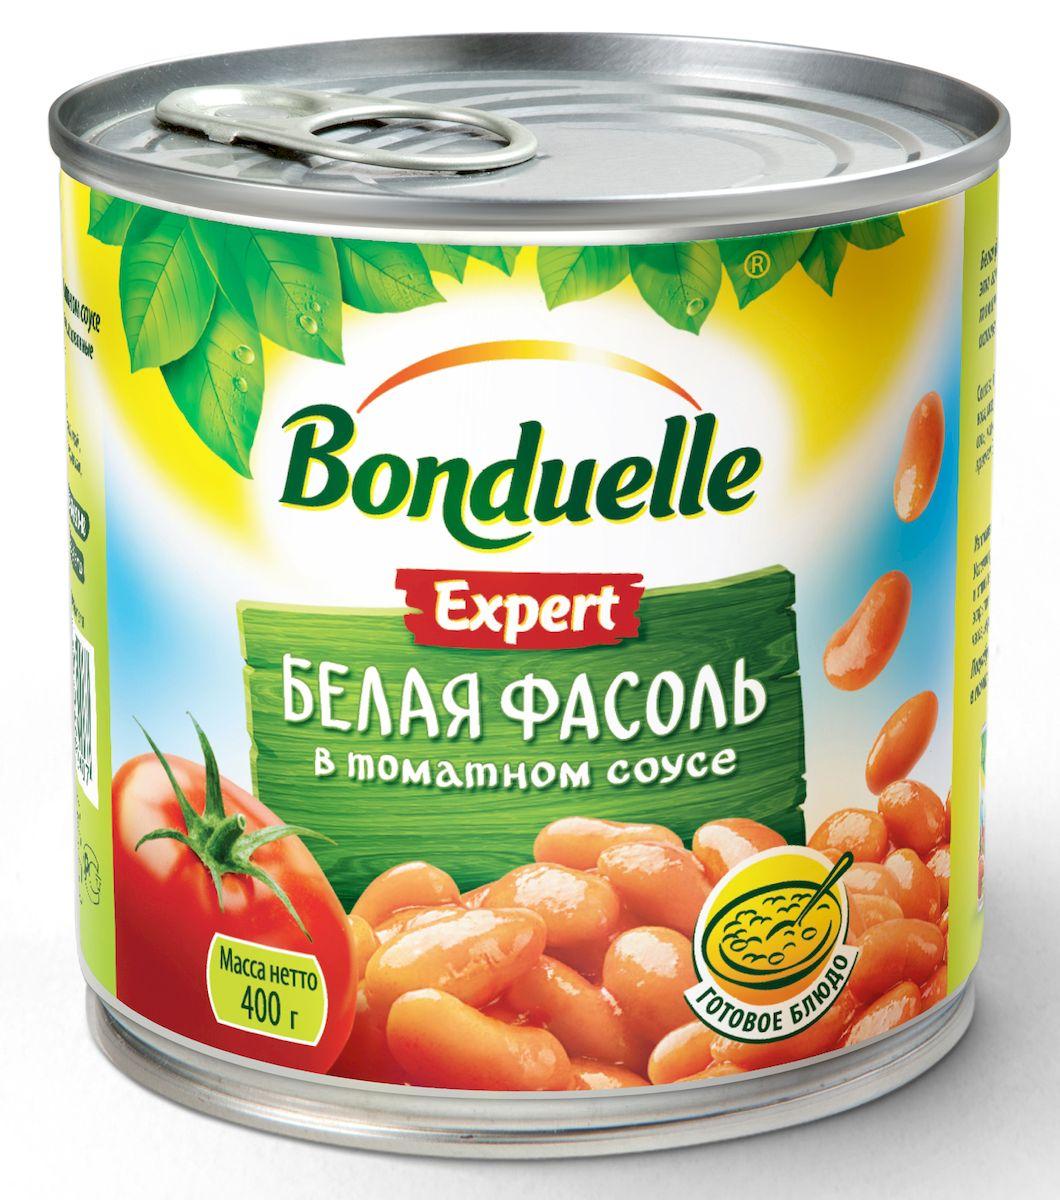 Bonduelle белая фасоль в томатном соусе 400 г